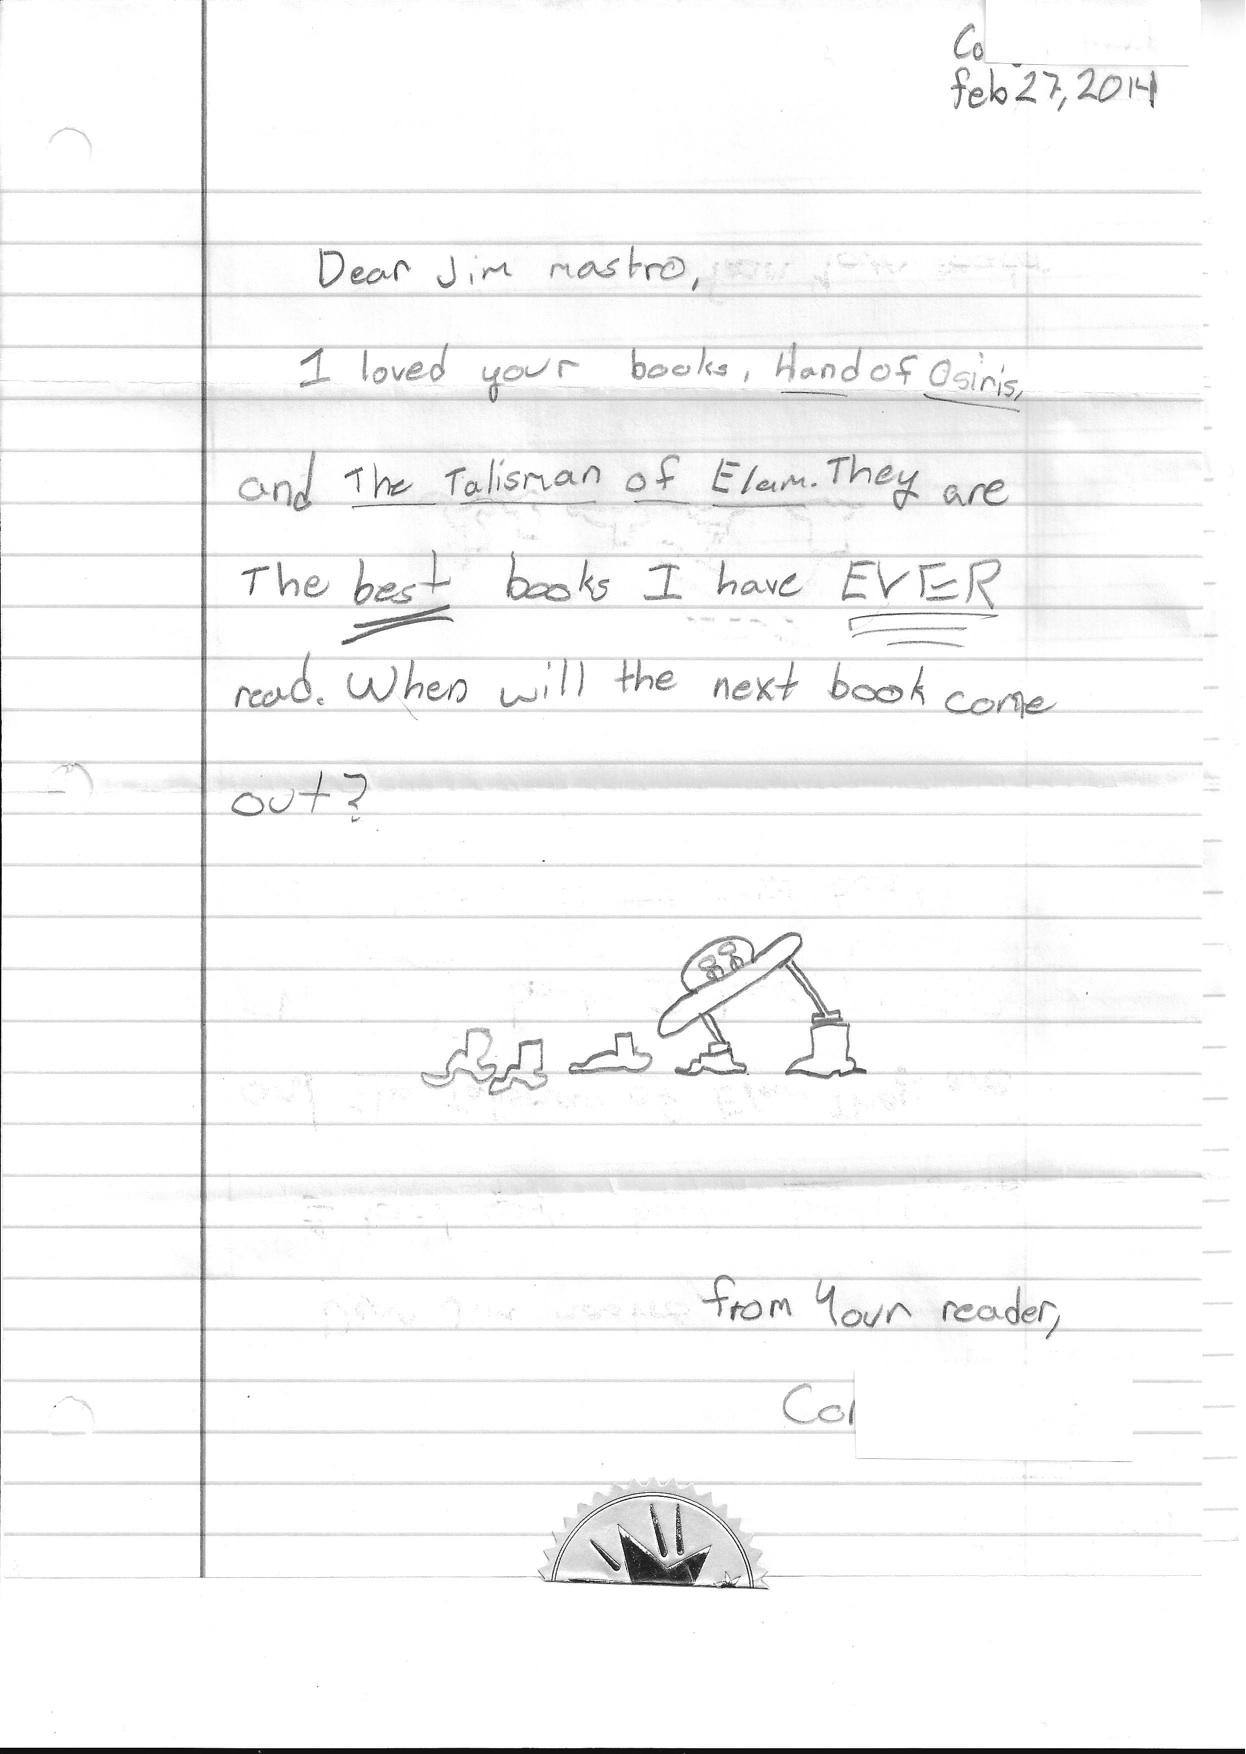 Corbin letter